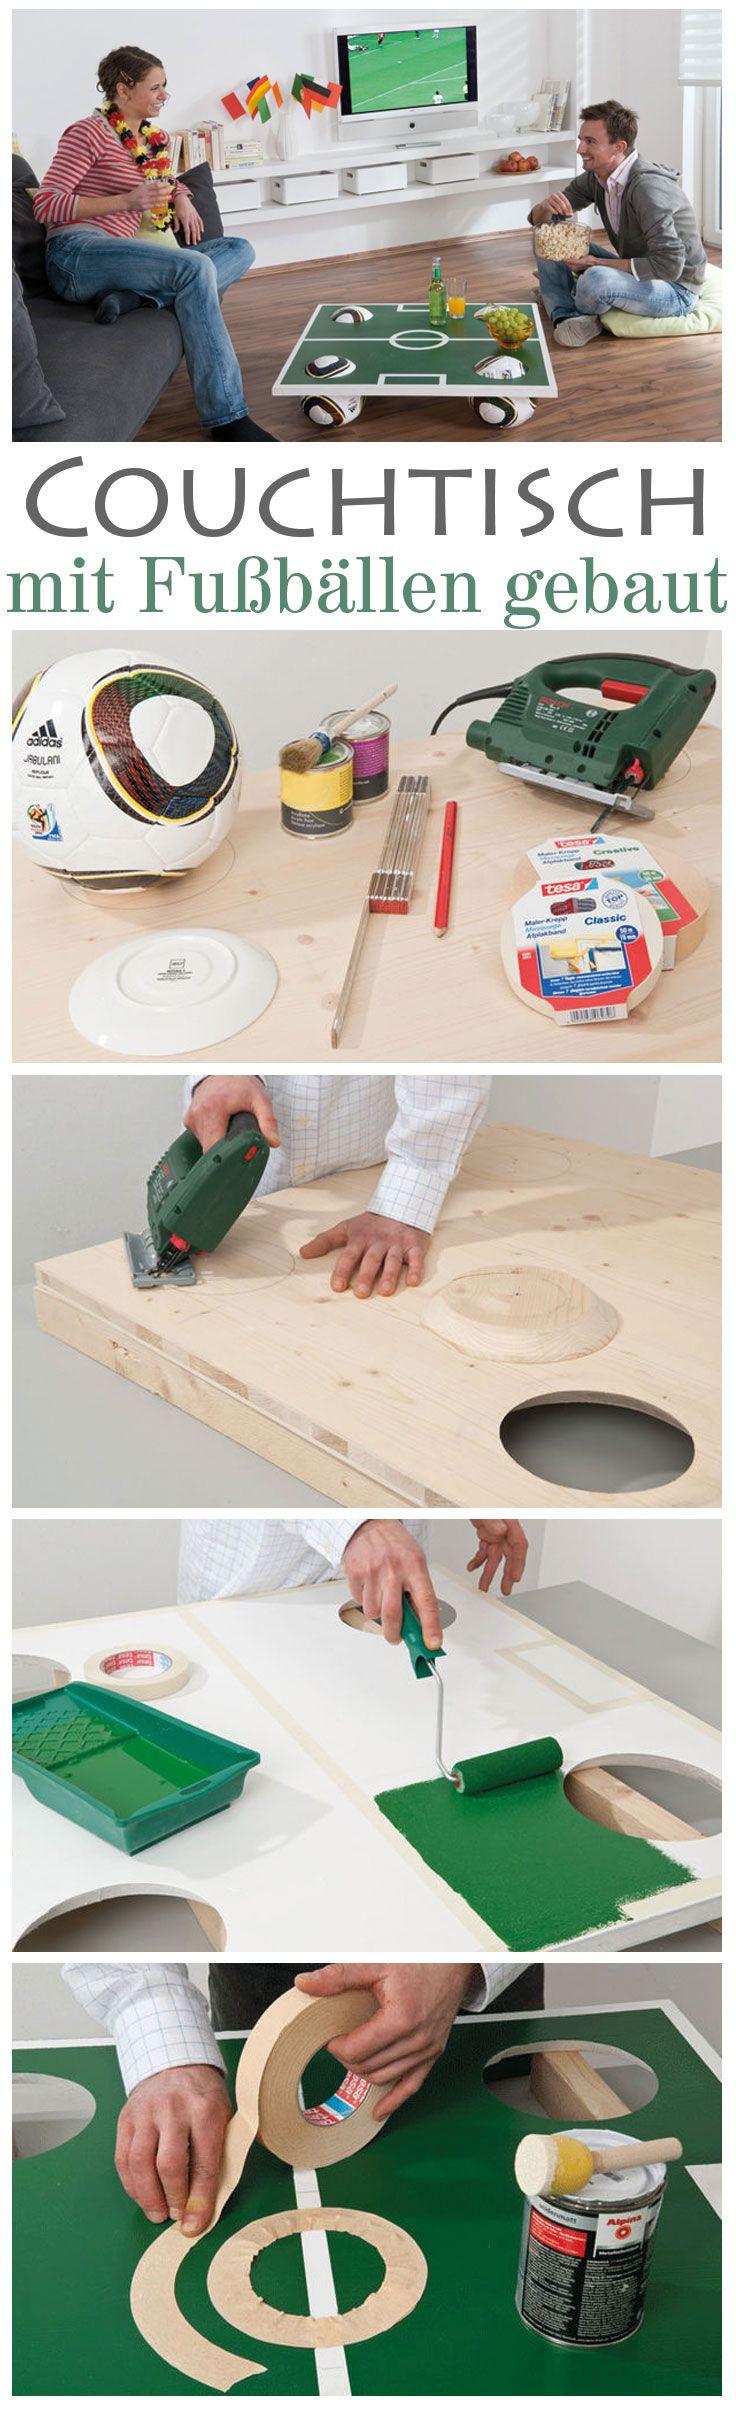 Cooler – und schneller – kann man einen Couchtisch nicht bauen. Passend zur EM kannst du mit vier Fußbällen einen stylischen Tisch für dein Wohnzimmer bauen. Das DIY ist super einfach, das kann wirklich jeder!